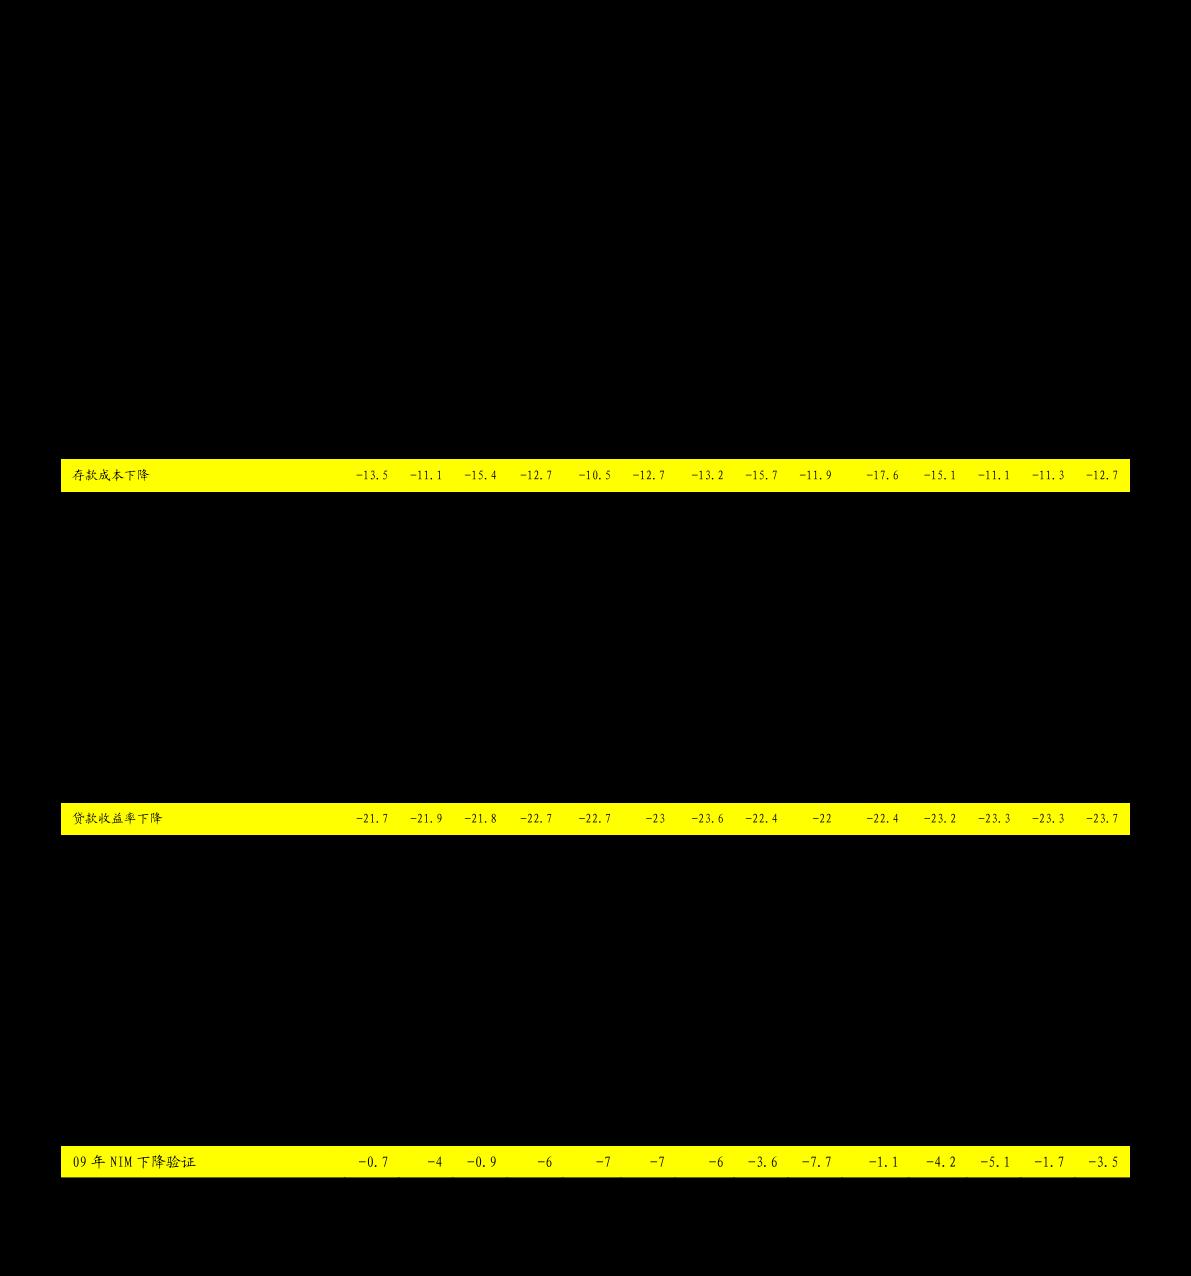 东吴雷火电竞平台-电气设备新能源雷火网址周报:碳排放目标上修、高景气三季报高增,光伏电动车利好不断-201011